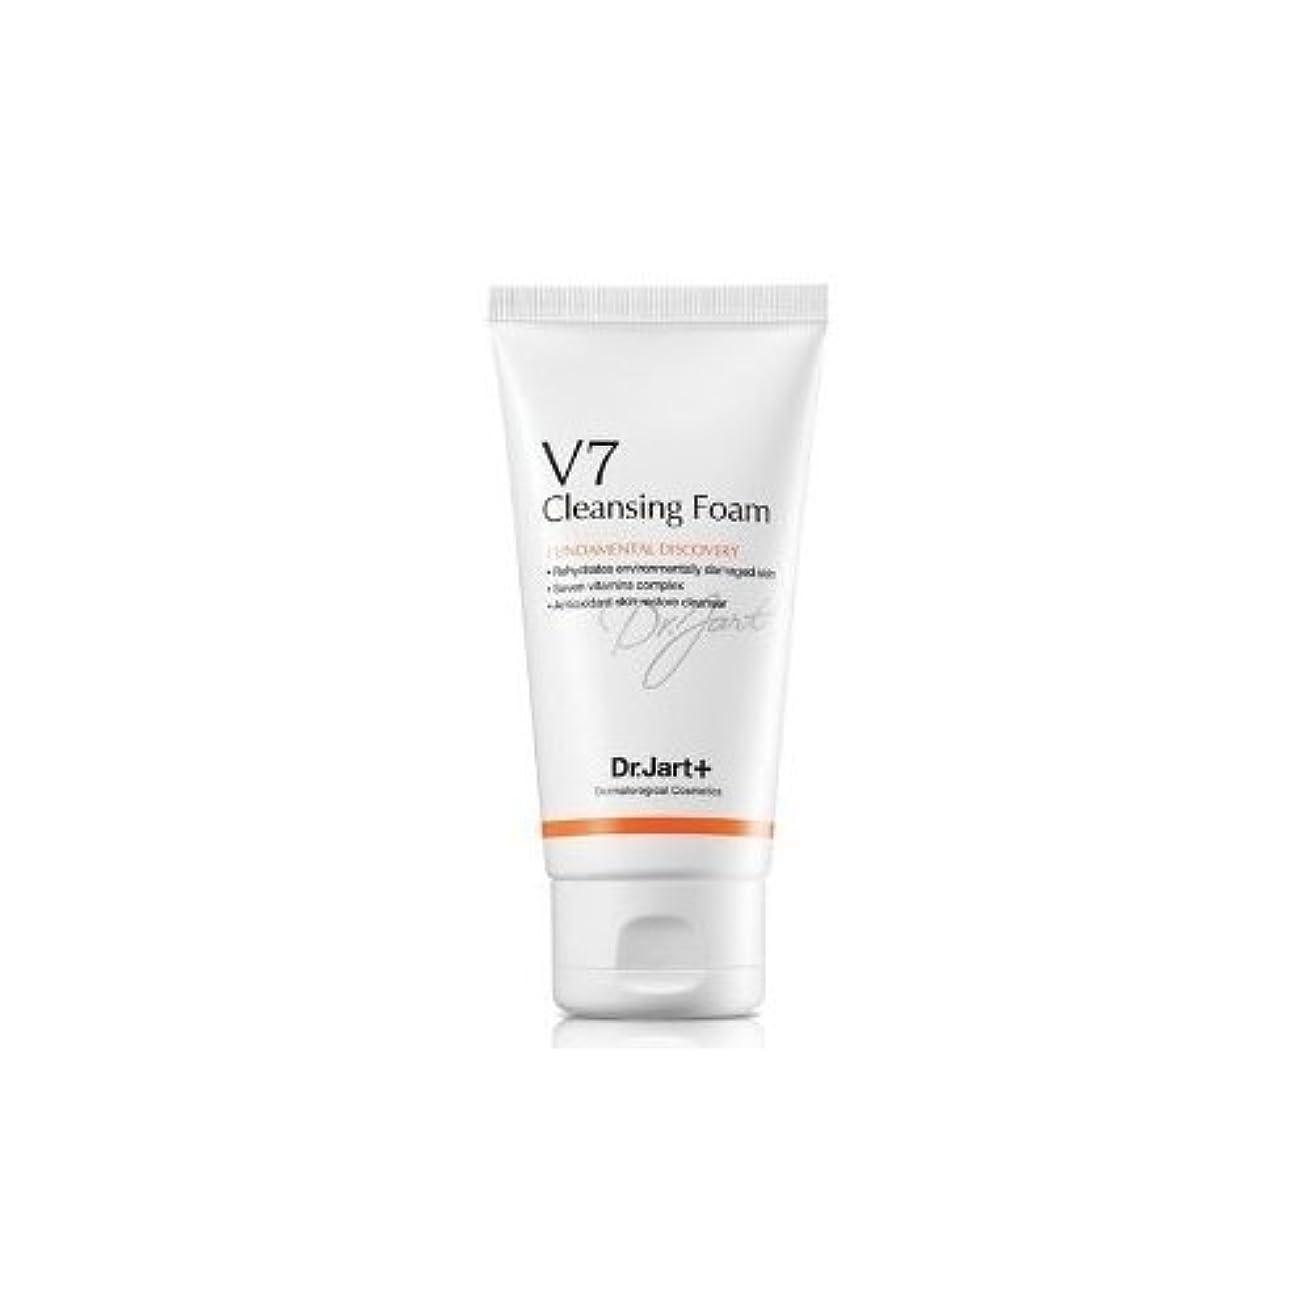 Dr. Jart V7 Cleansing Foam-3.4 oz.